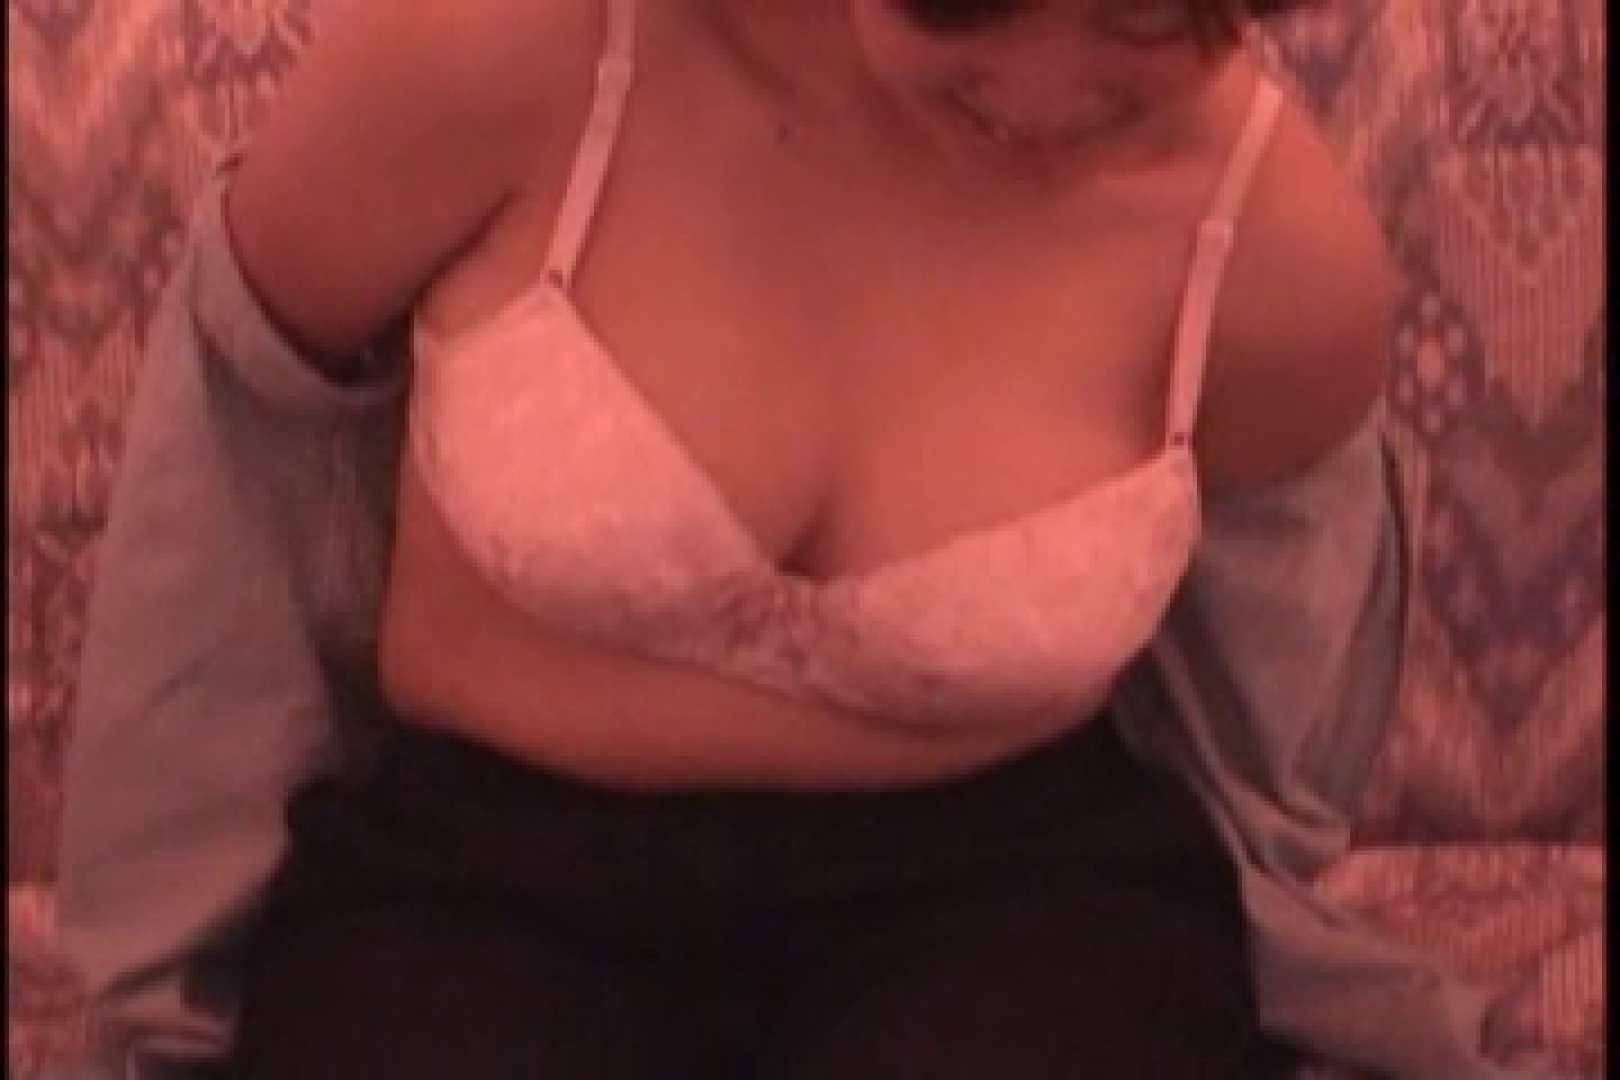 長野援助 かおりちゃん18歳 マンコ満開 AV無料動画キャプチャ 78画像 8